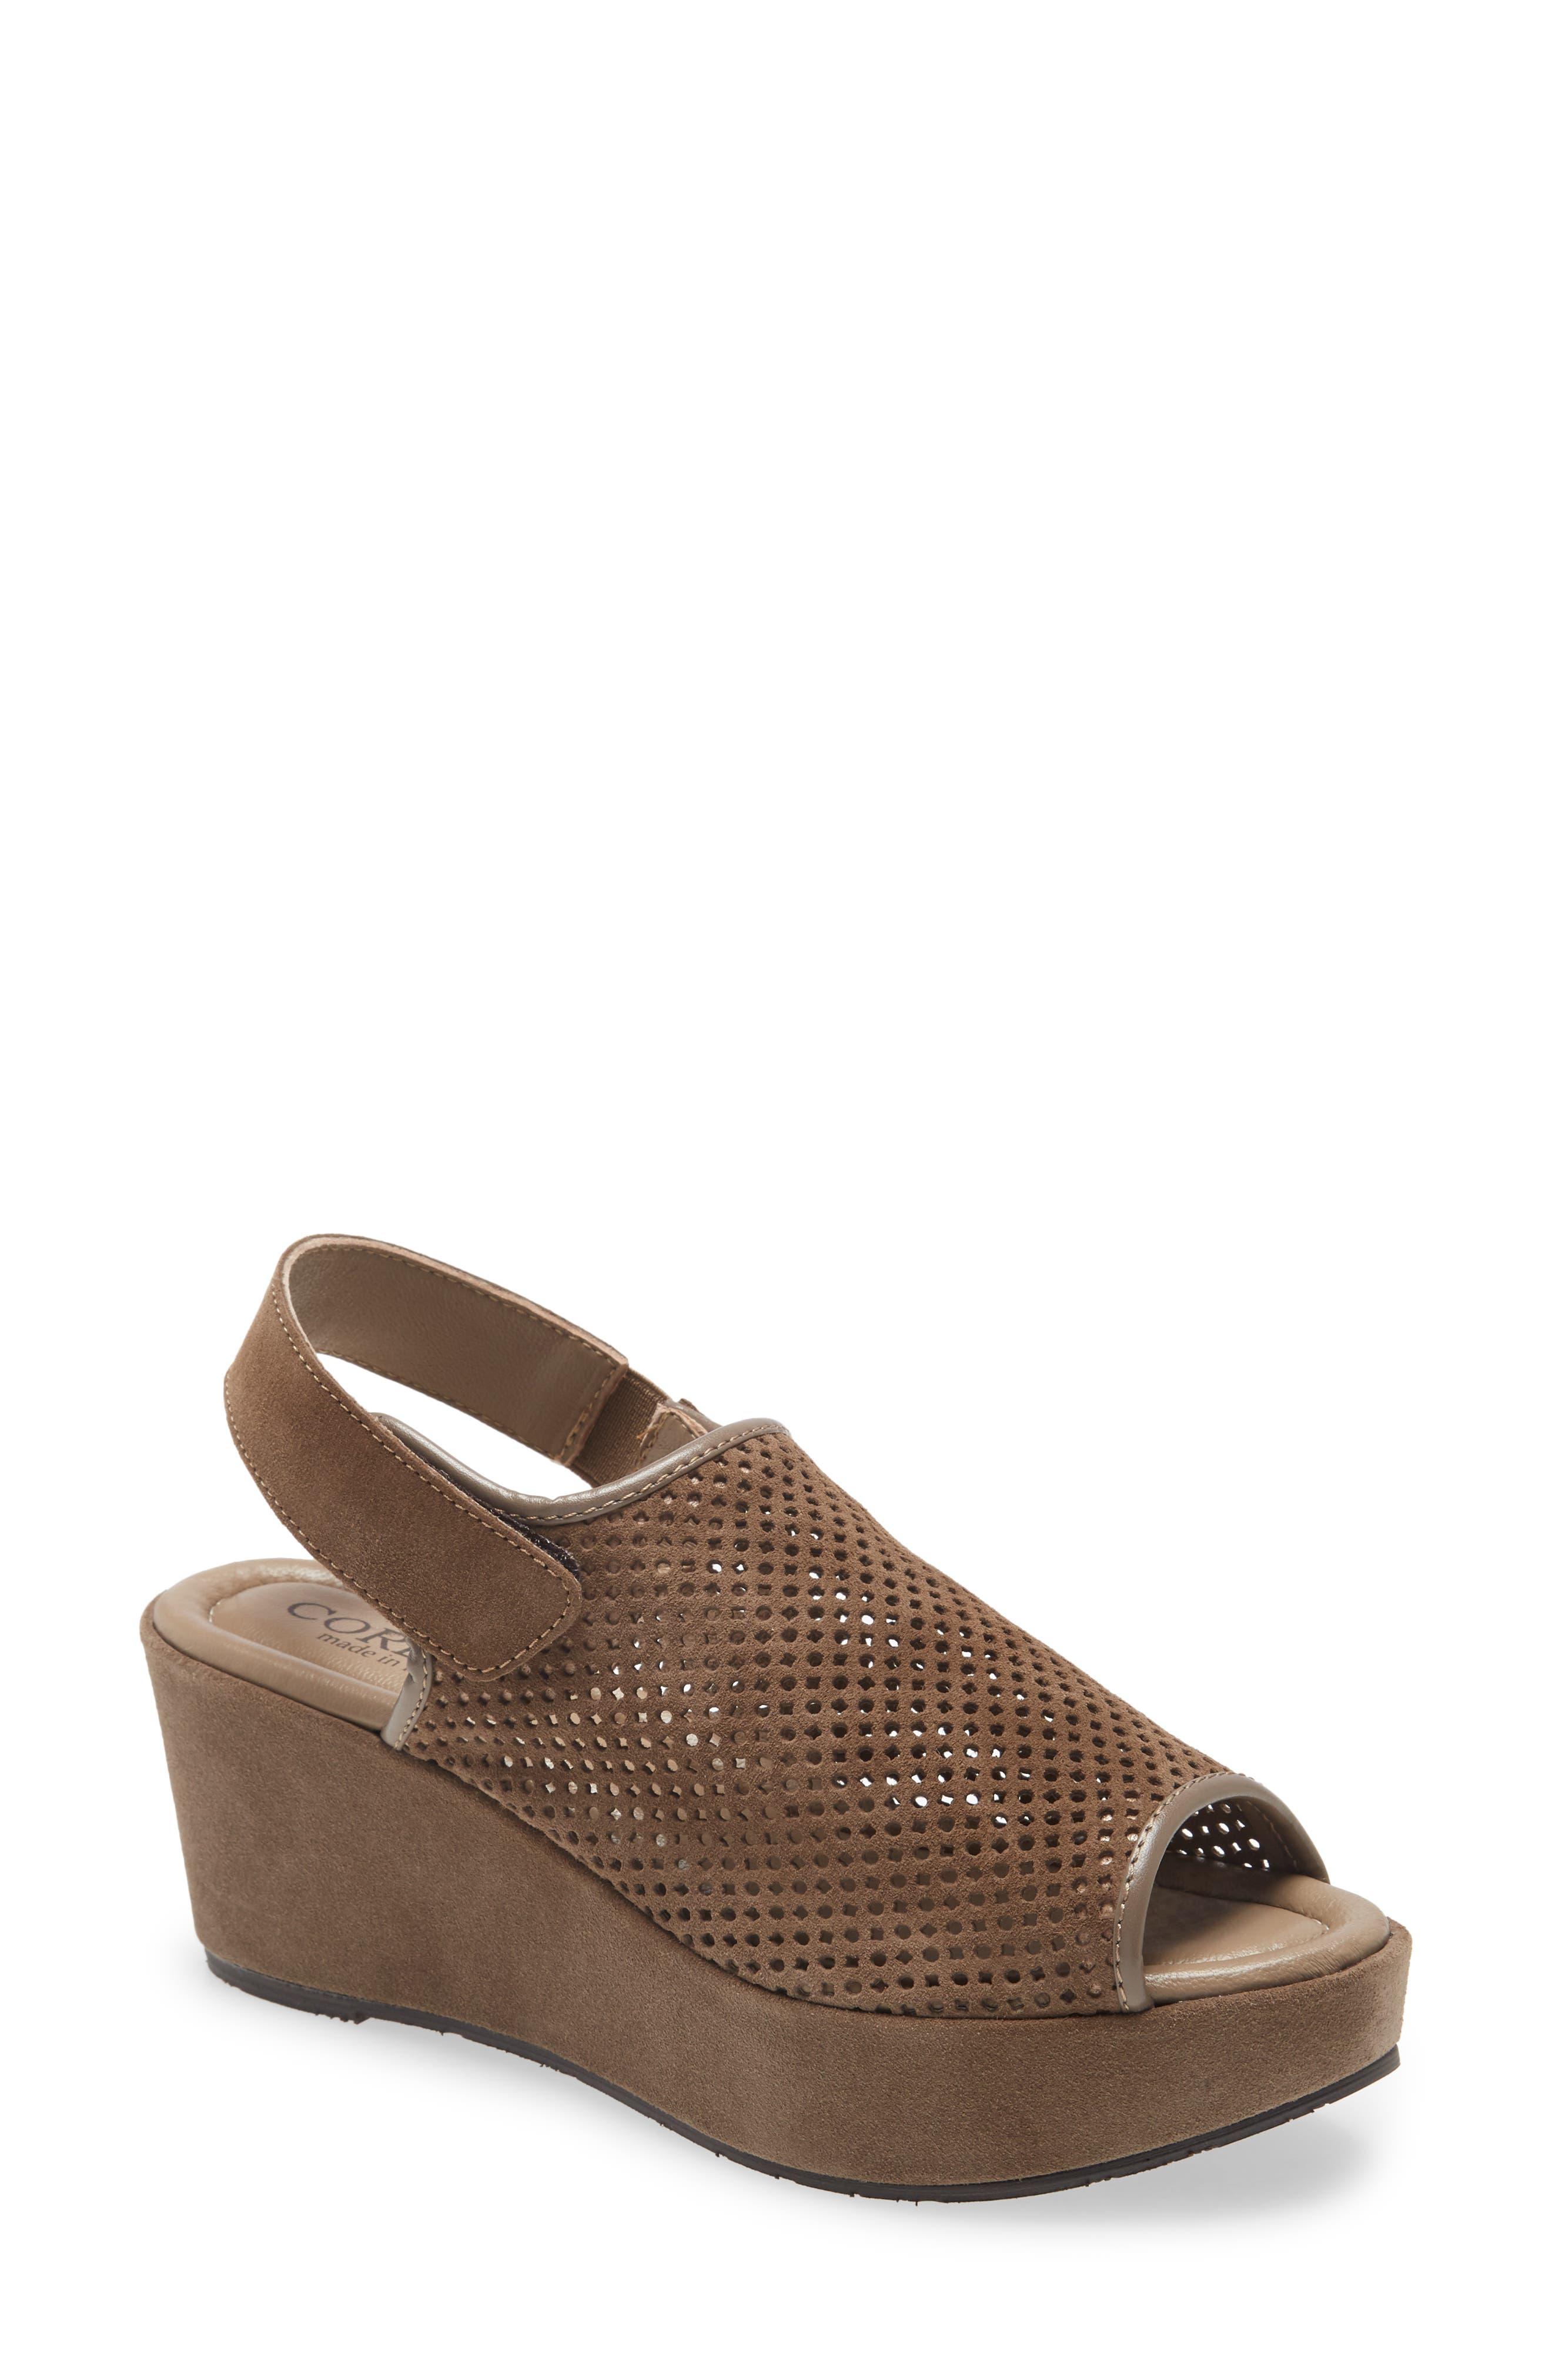 Daria Platform Wedge Sandal